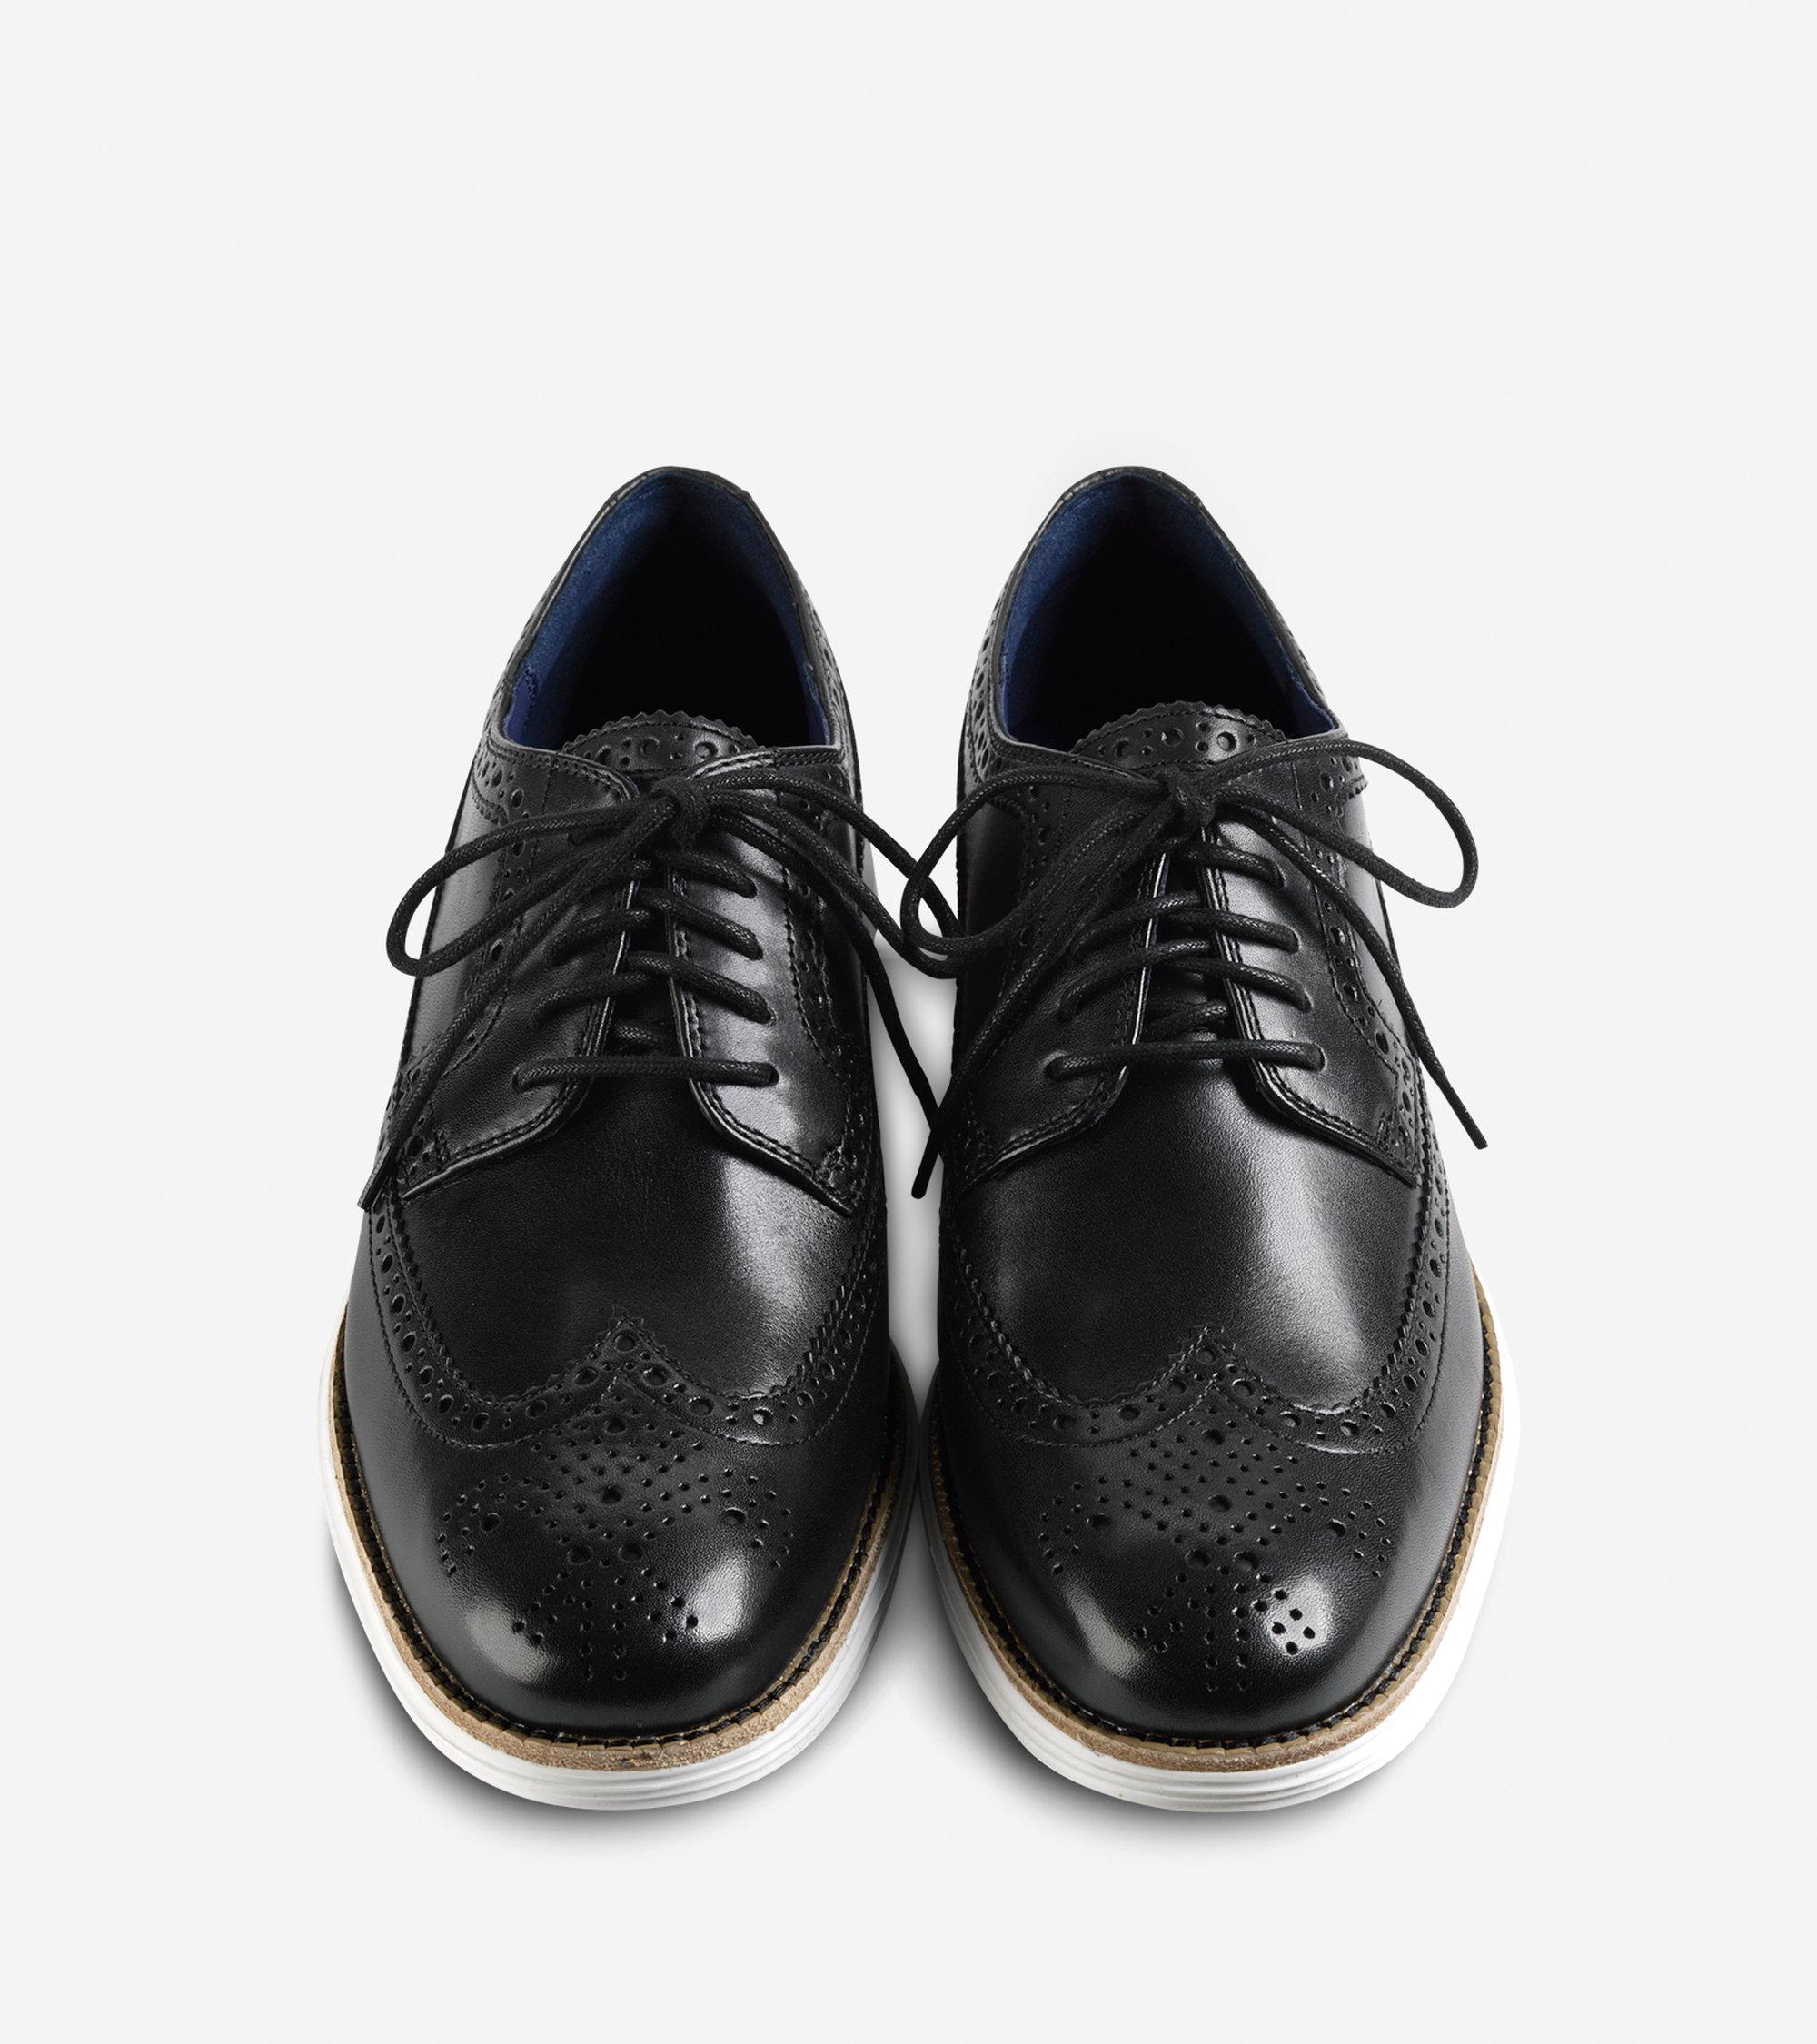 Black Wingtip Shoes Cole Haan